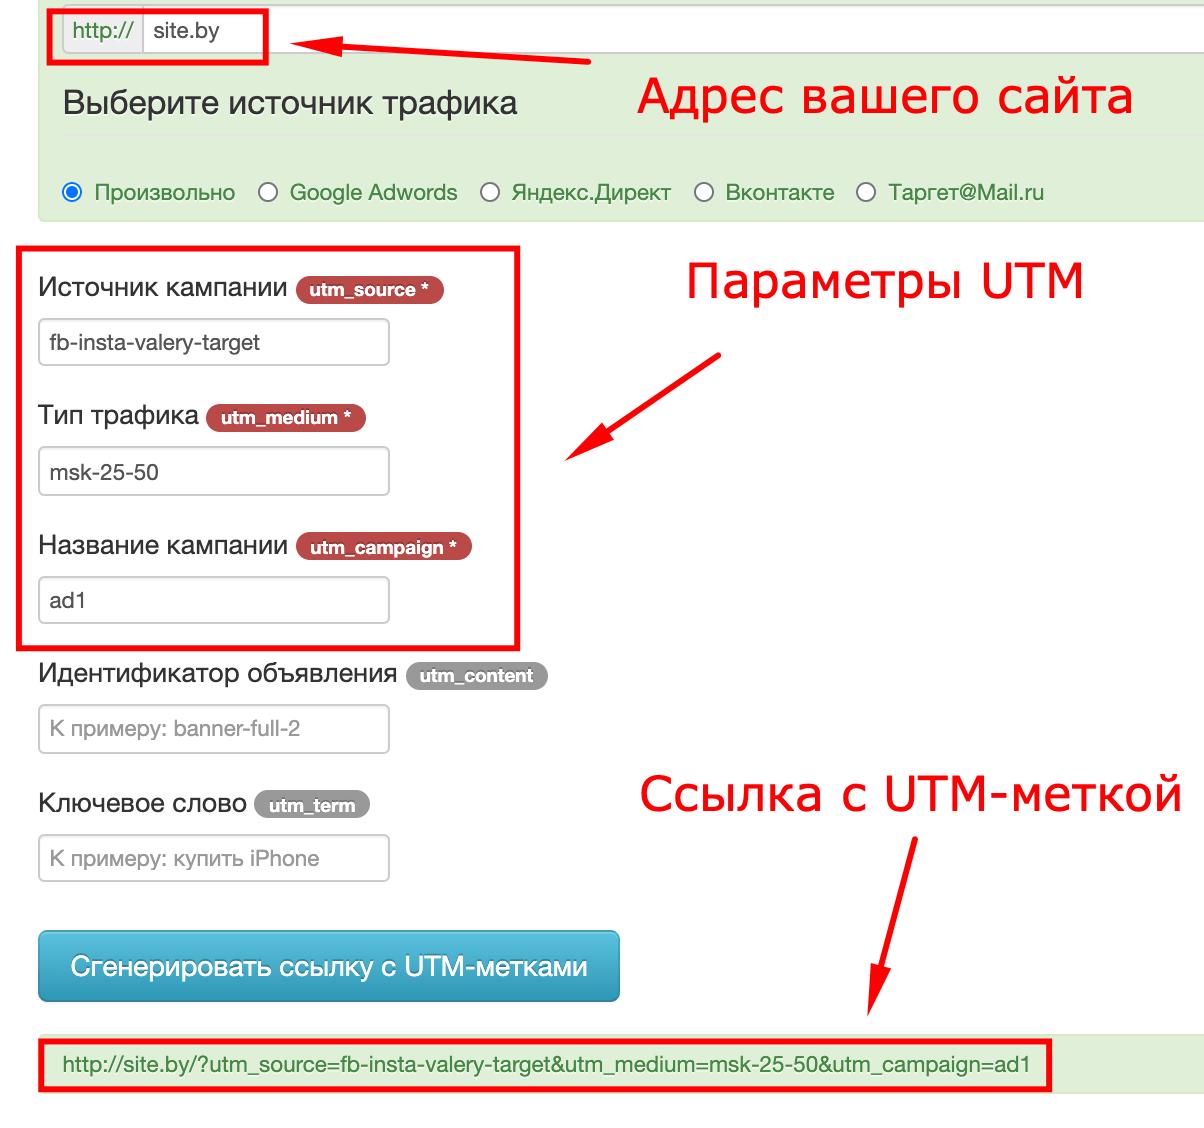 Пример автоматической генерации utm-метки с помощью сервиса tools.yaroshenko.by